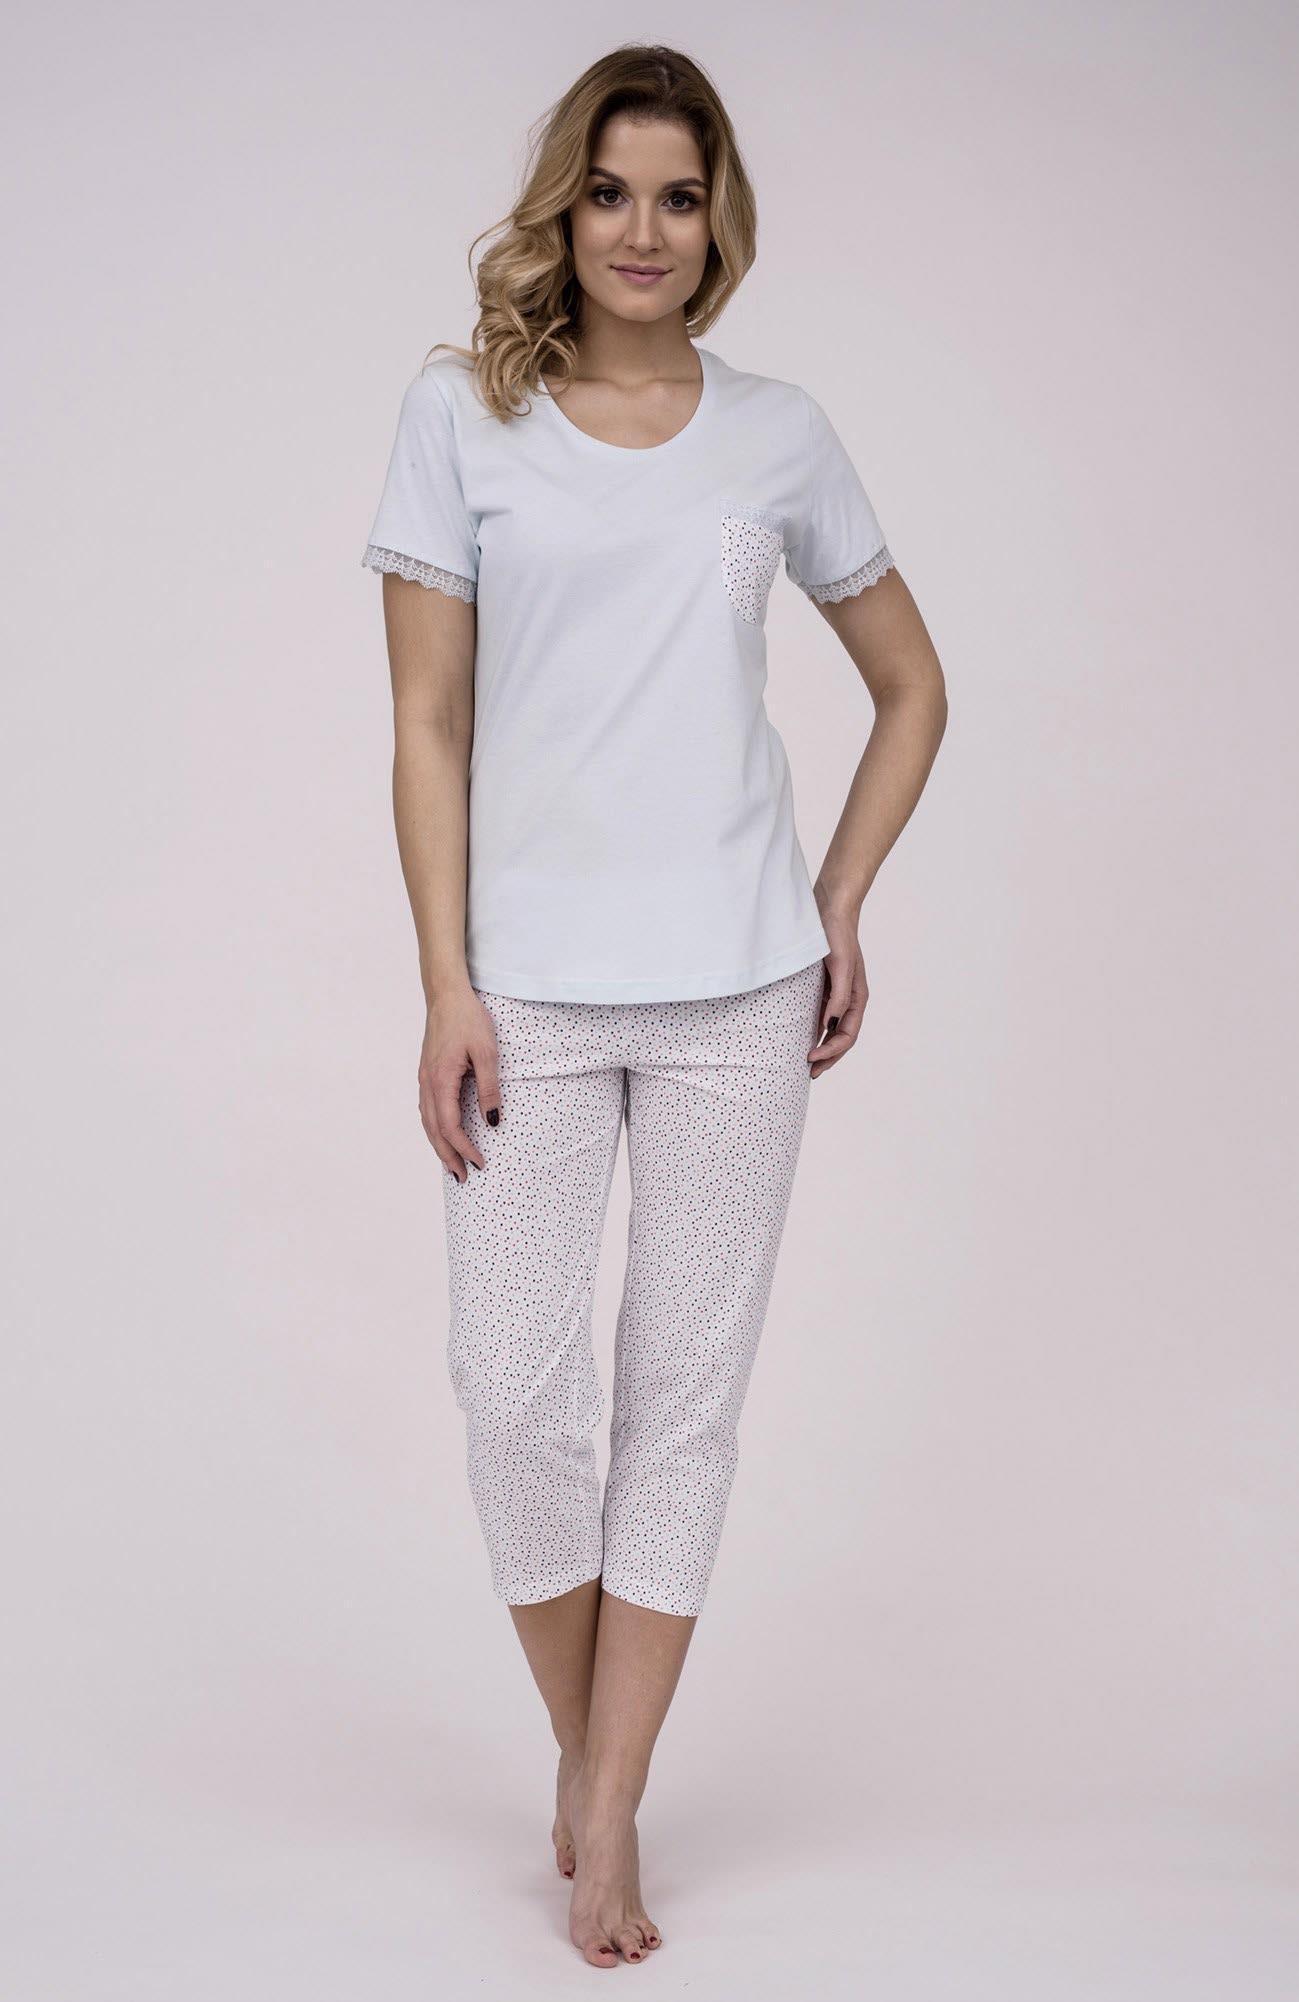 9d2862c97deb Dámske bavlnené pyžamo Cana 179. Prinášame Vám novú kolekciu dámske pyžamá  jar-leto 2018